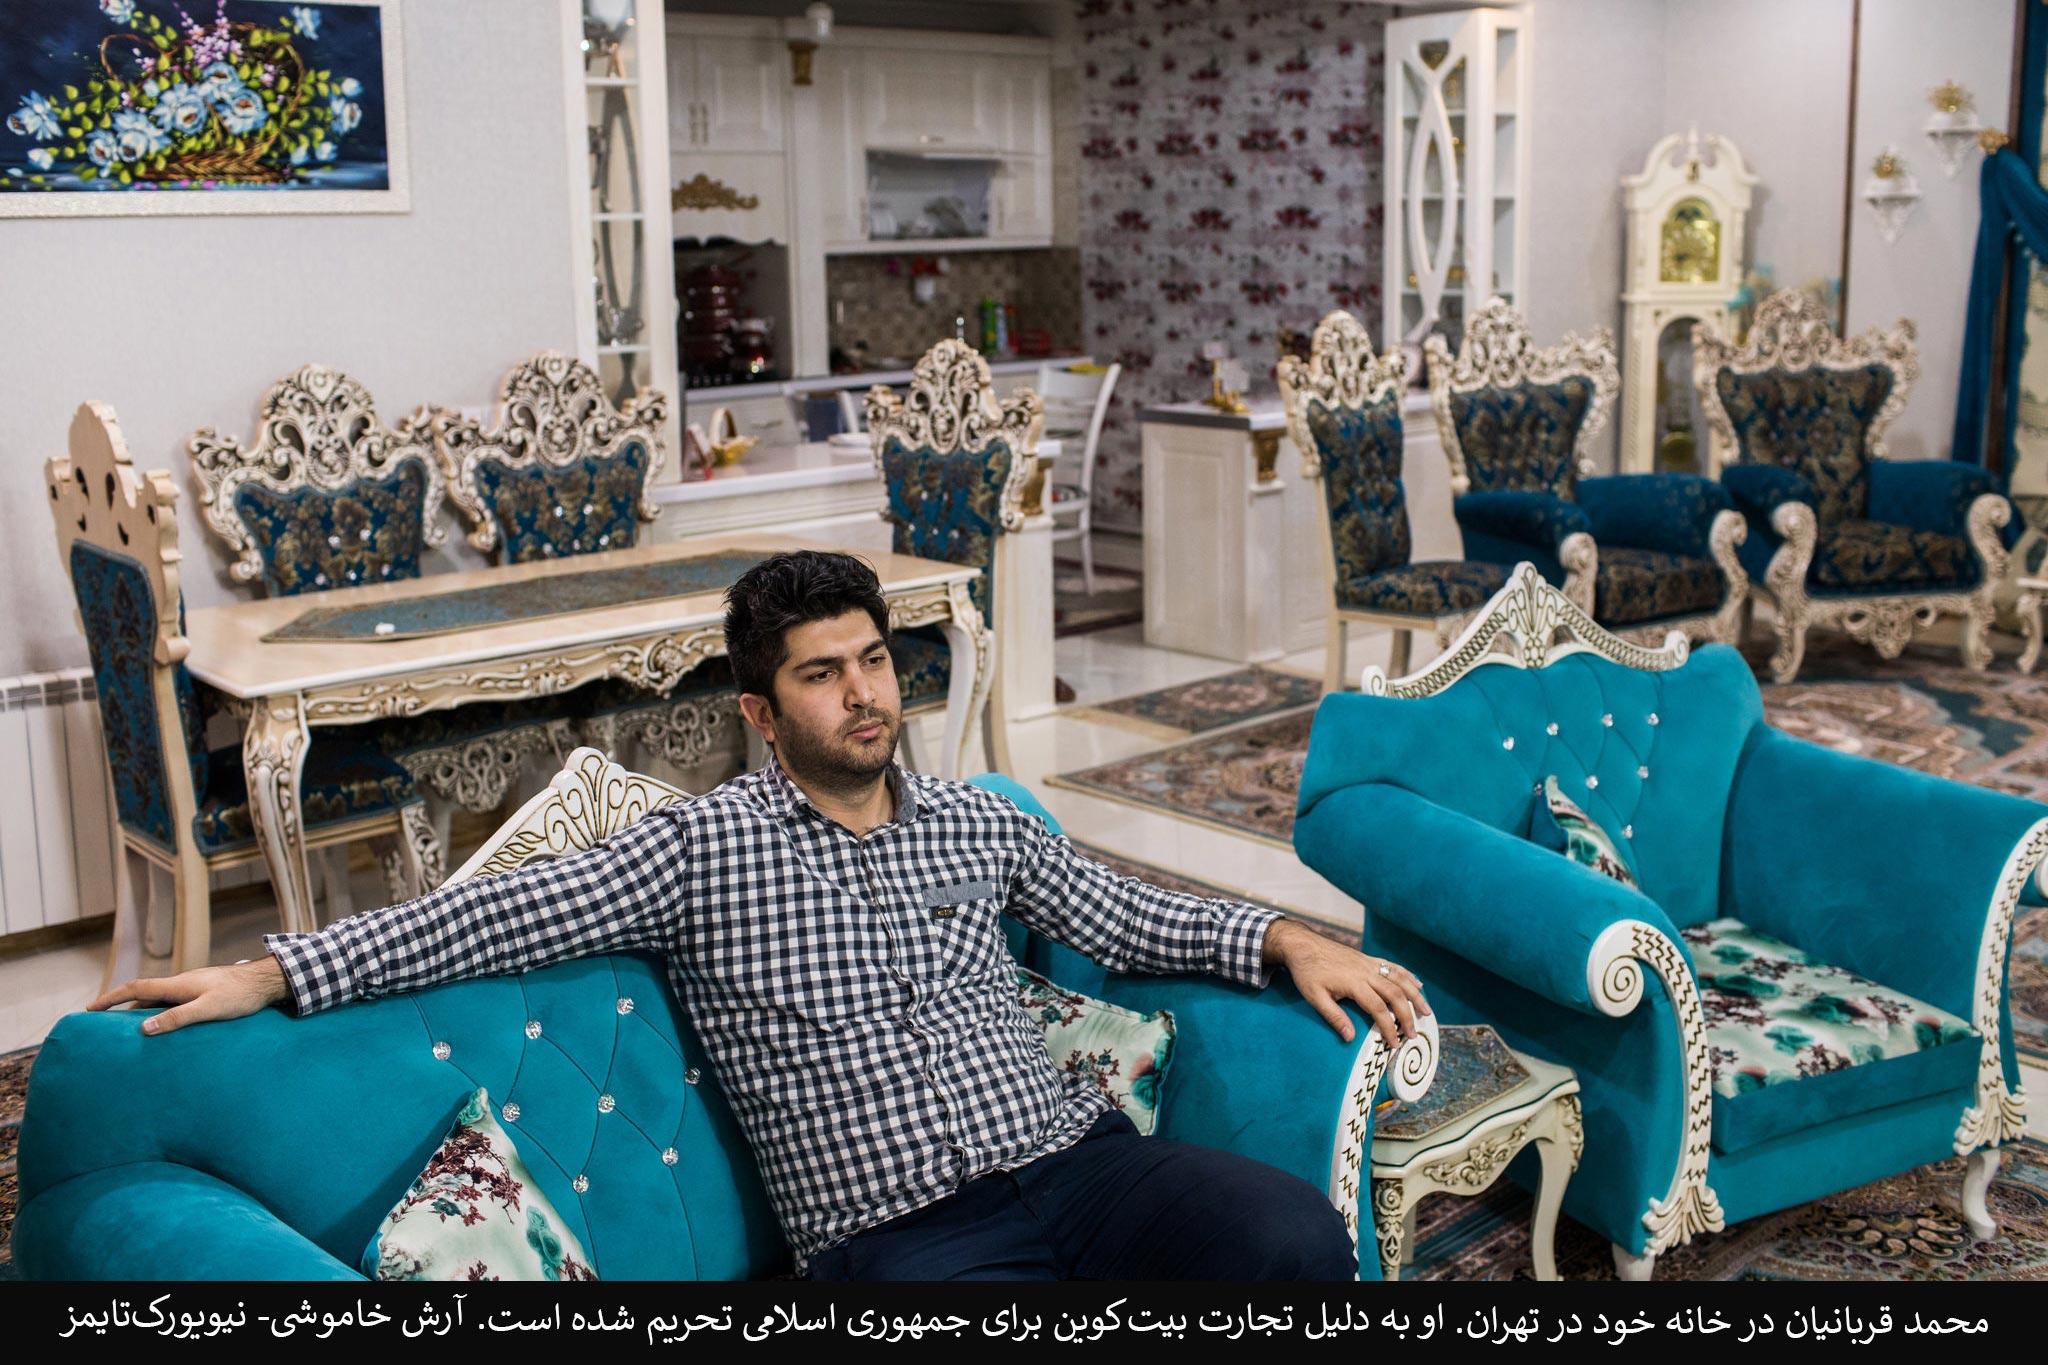 محمد قربانیان در خانه خود در تهران.او از سوی وزارت خزانه داری آمریکابه دلیل تجارت بیتکوین برای جمهوری اسلامی تحریم شده است. آرش خاموشی- نیویورکتایمز